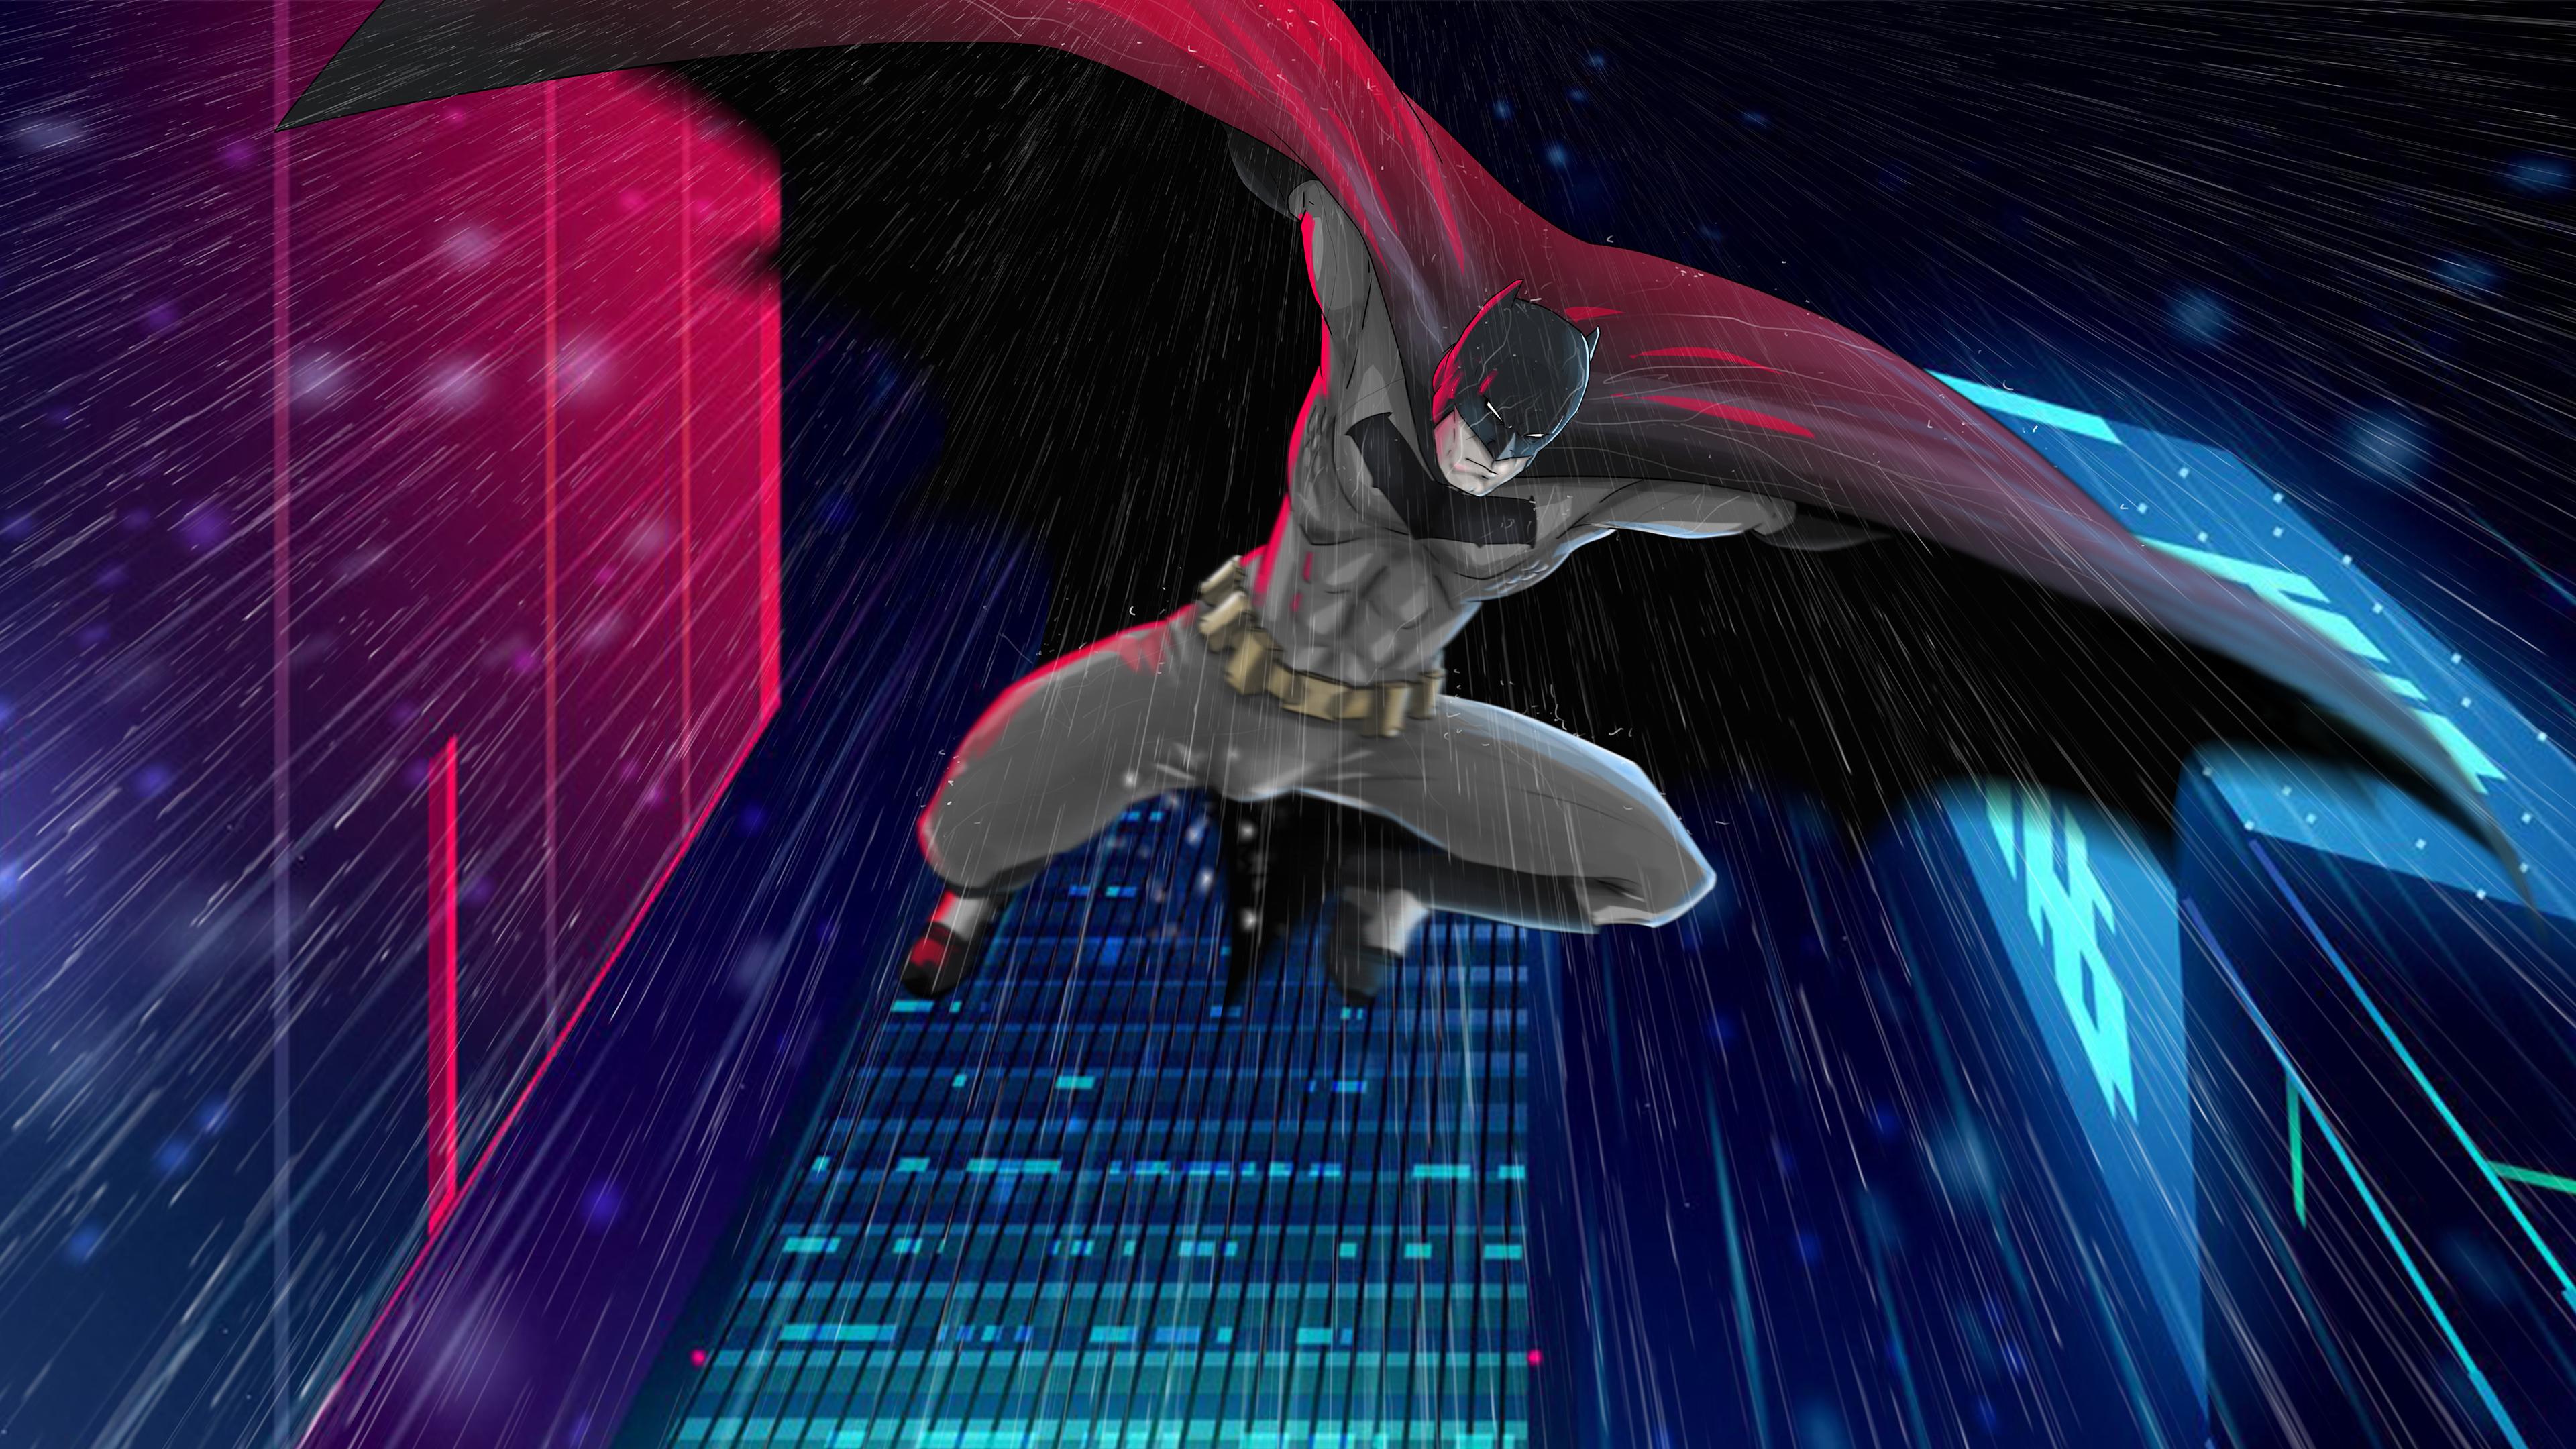 1920x1080 4k Batman New Art Laptop Full HD 1080P HD 4k ...